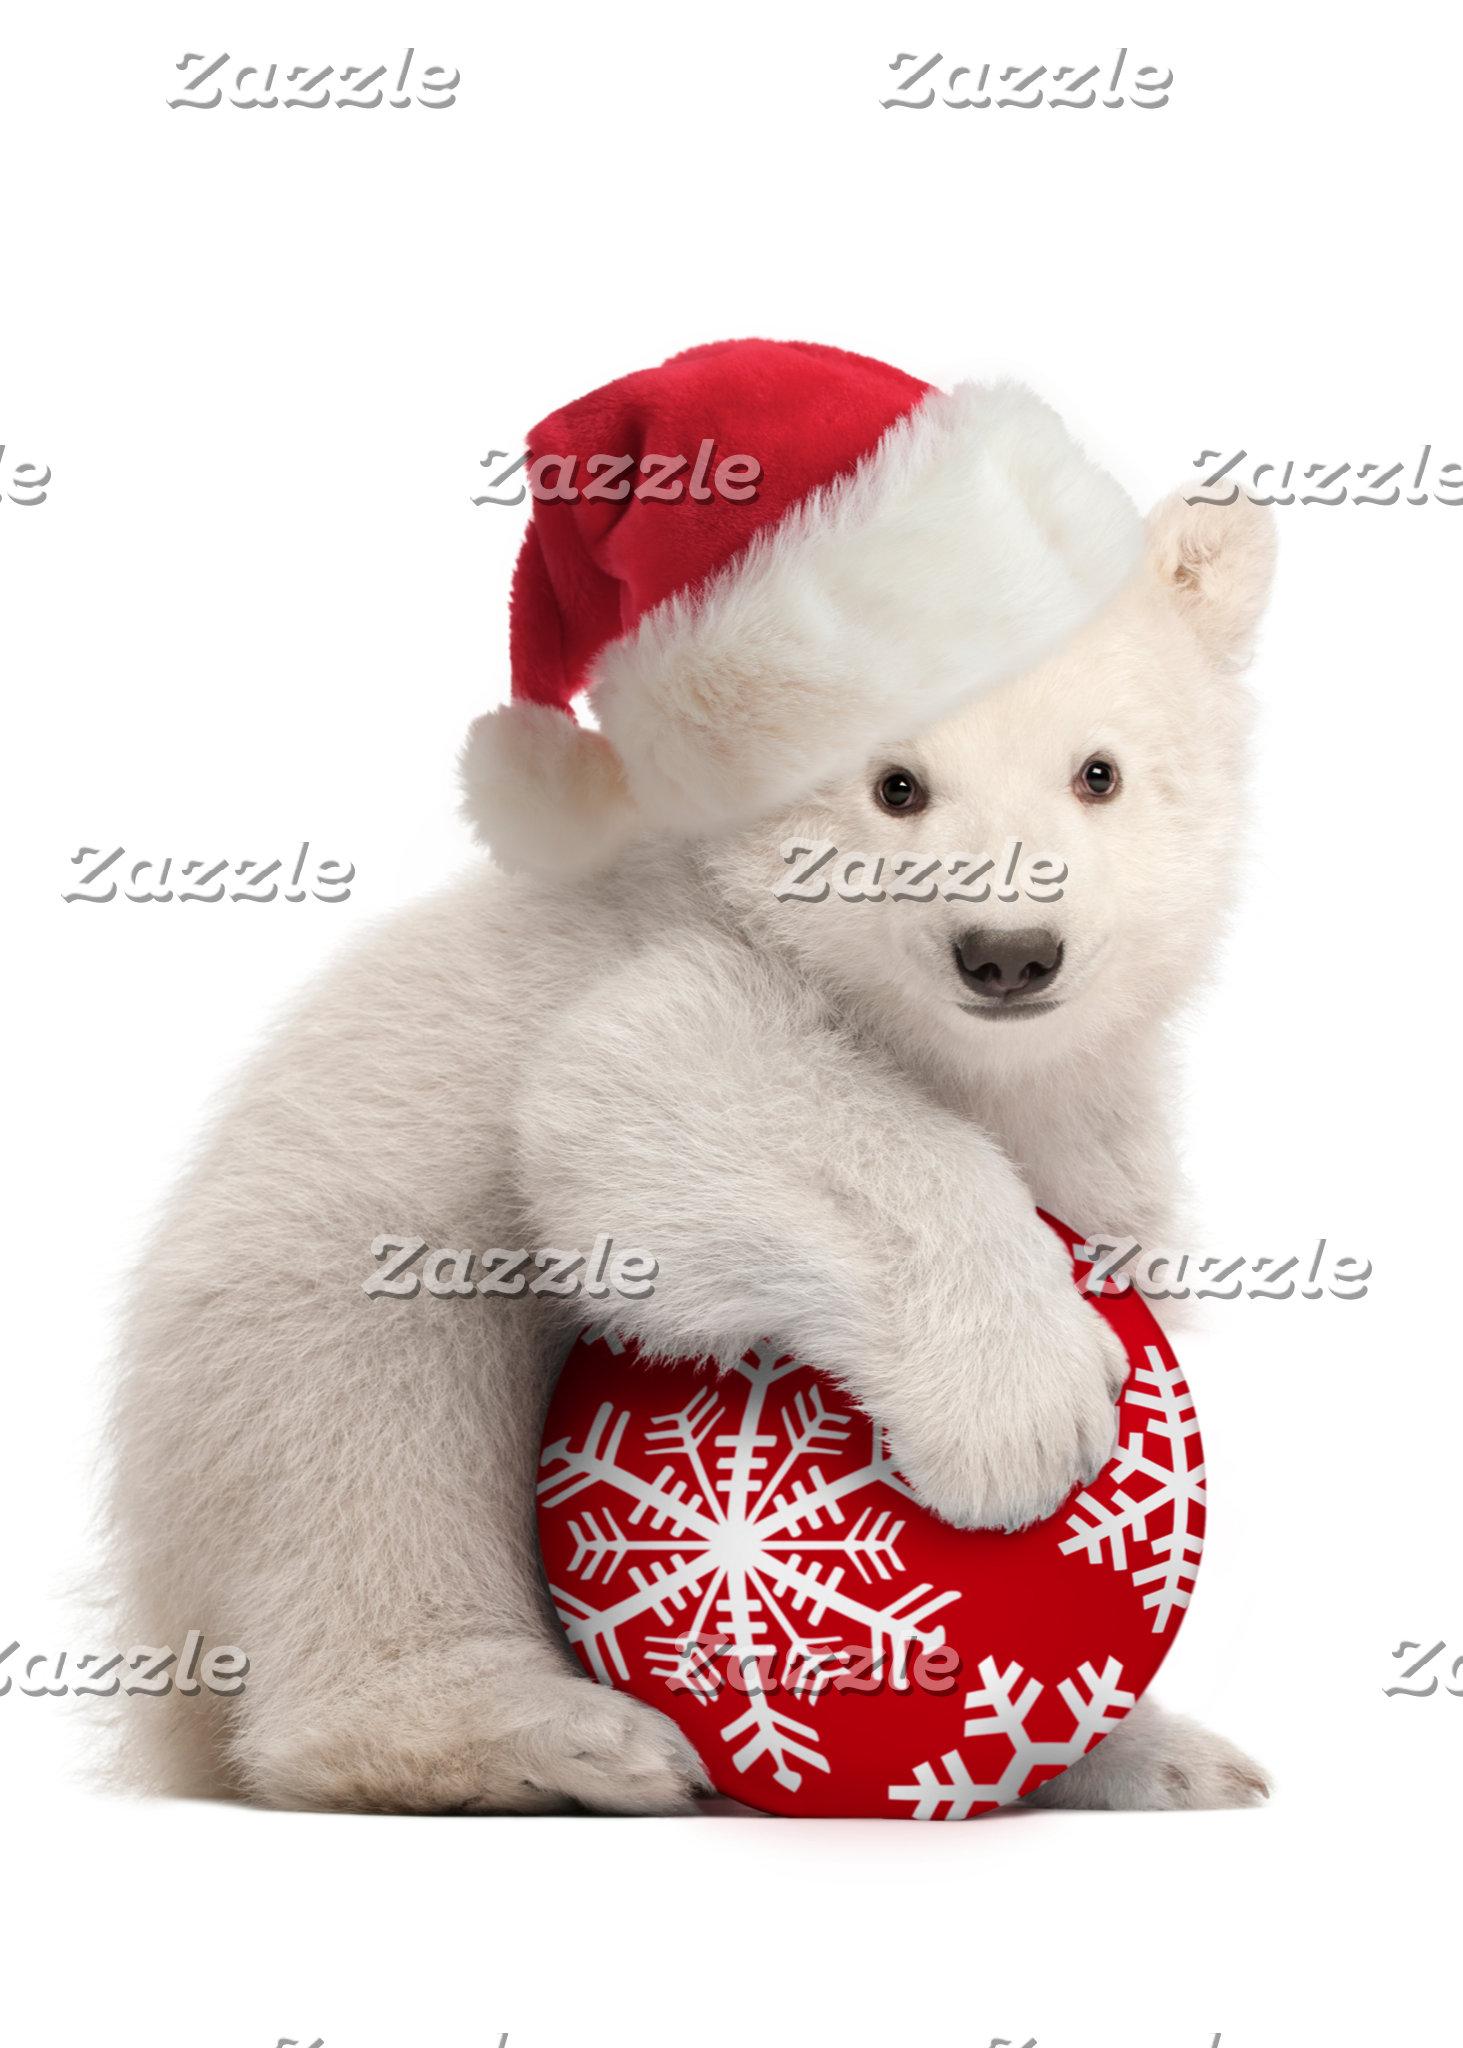 Polar Bear Cub Christmas Cards and Gifts